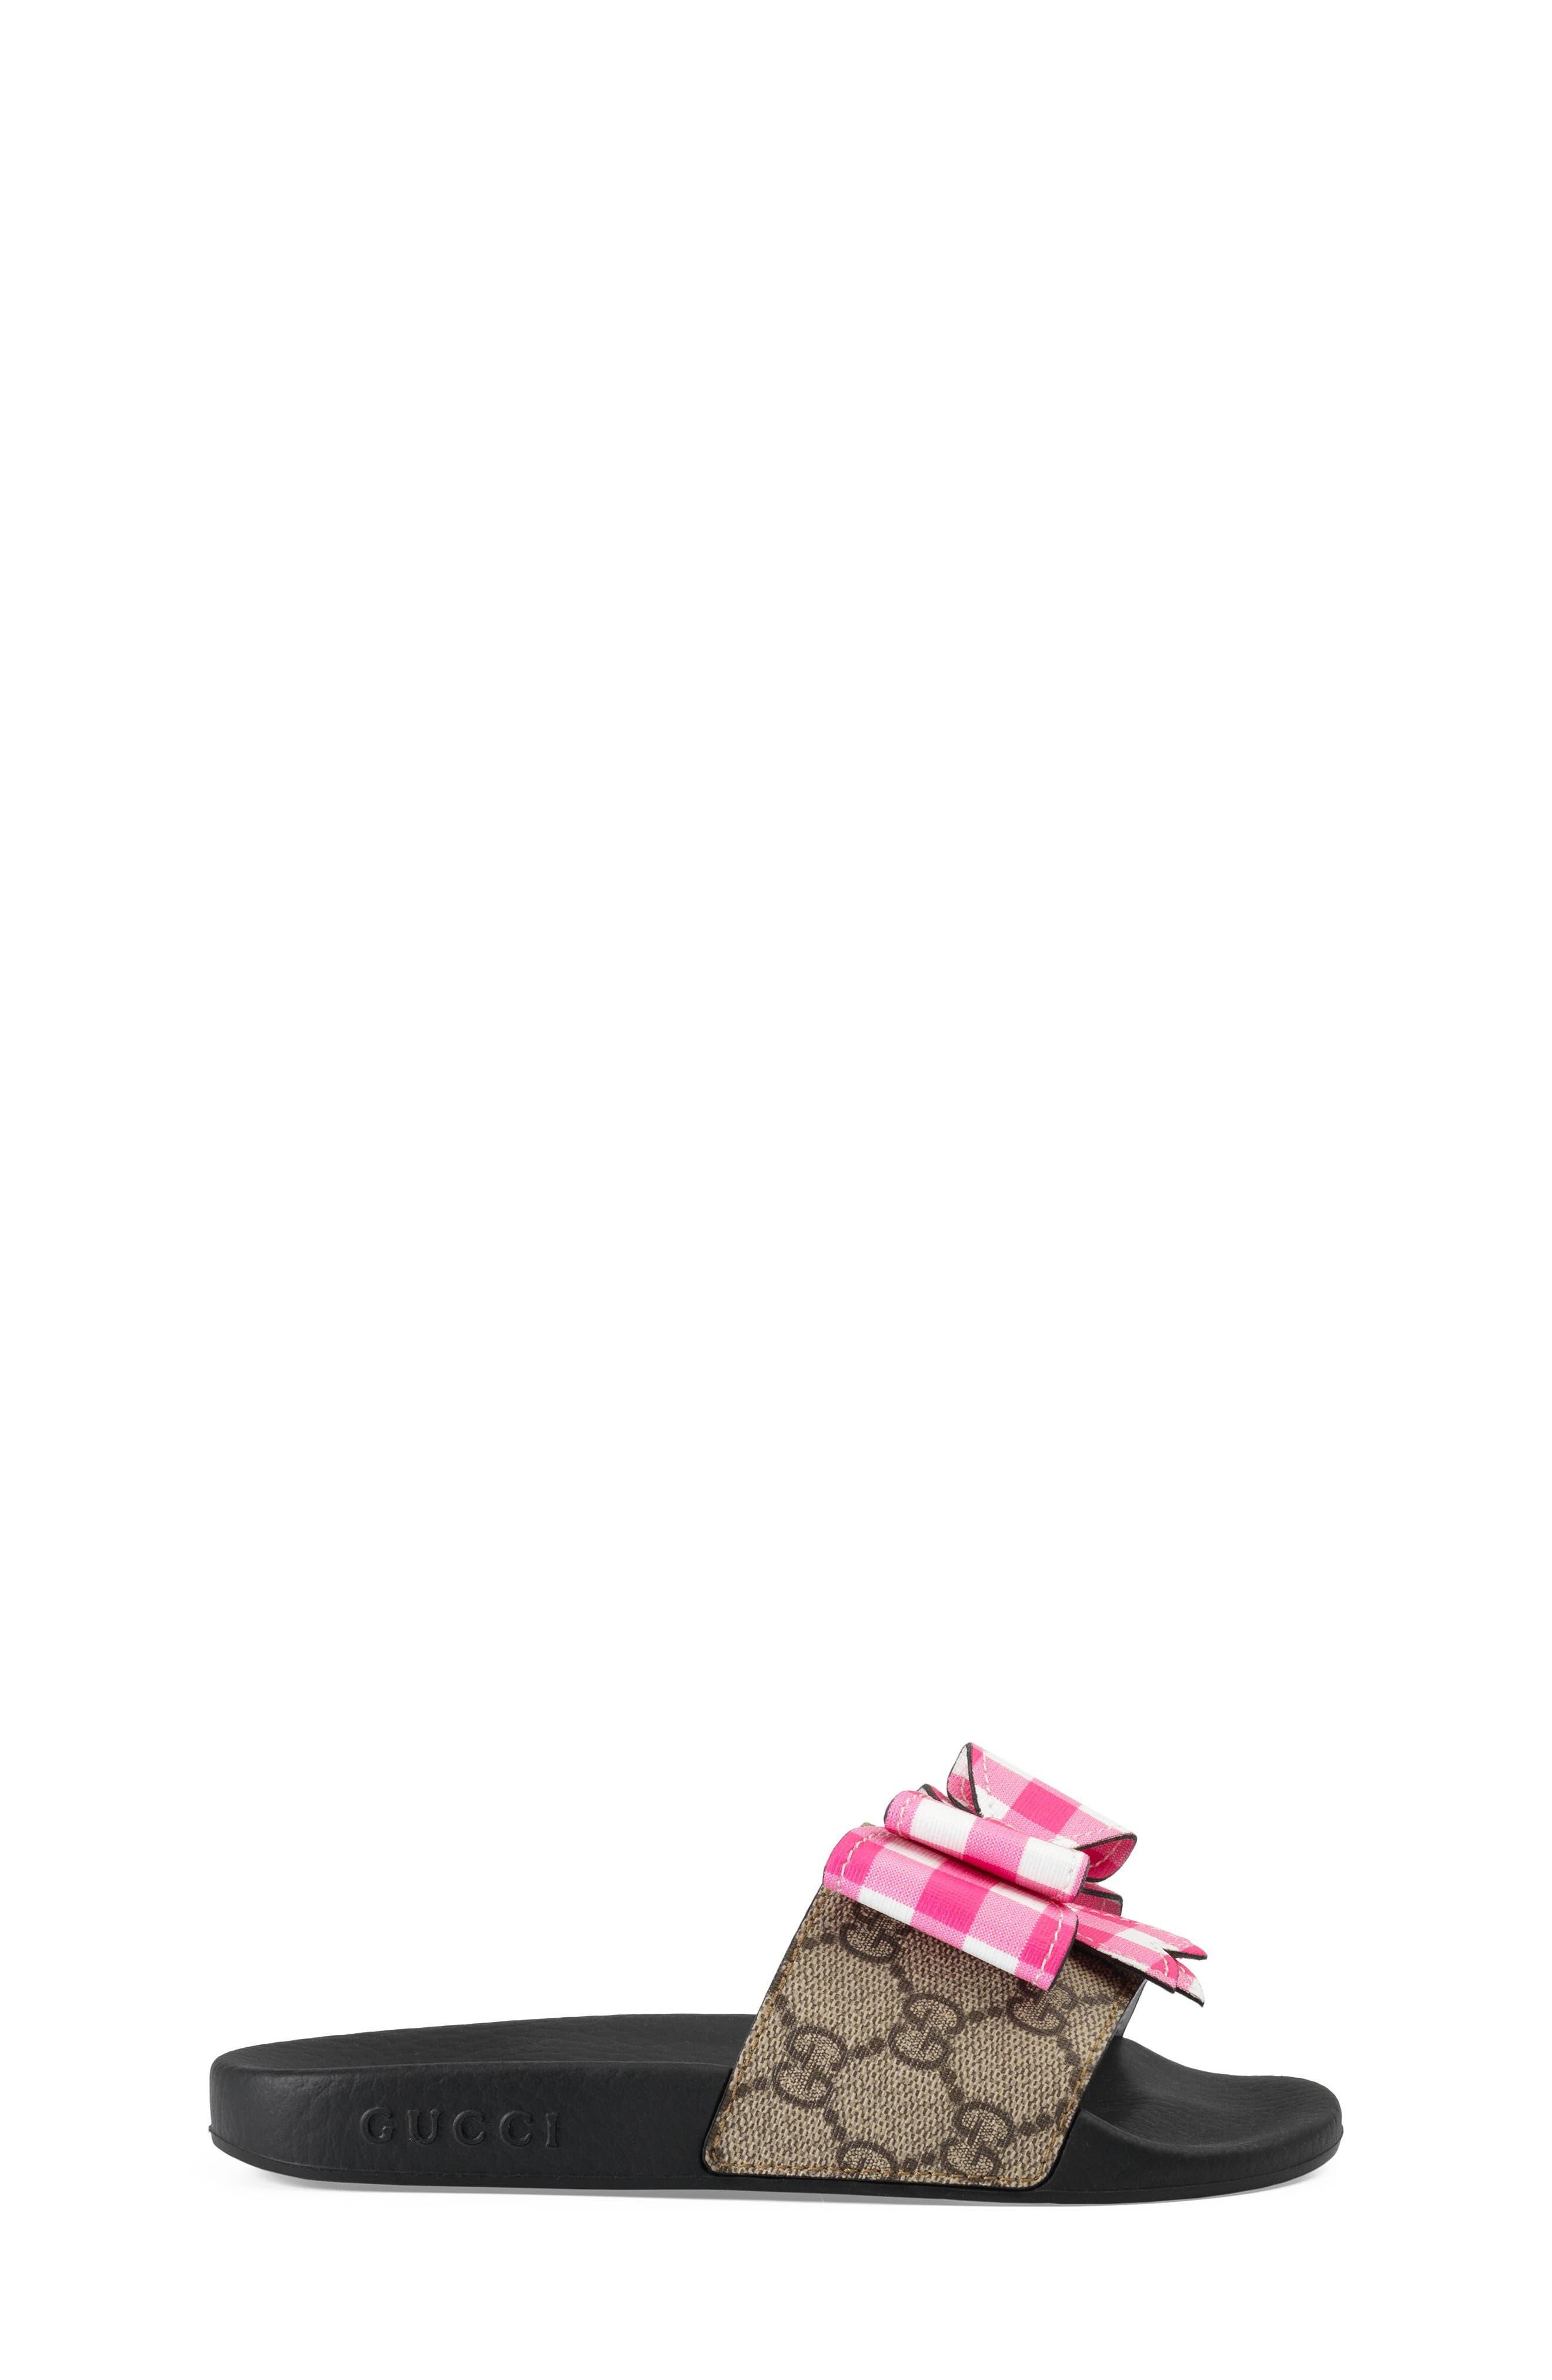 Pursuit Bow Slide,                             Alternate thumbnail 3, color,                             Beige/ Pink